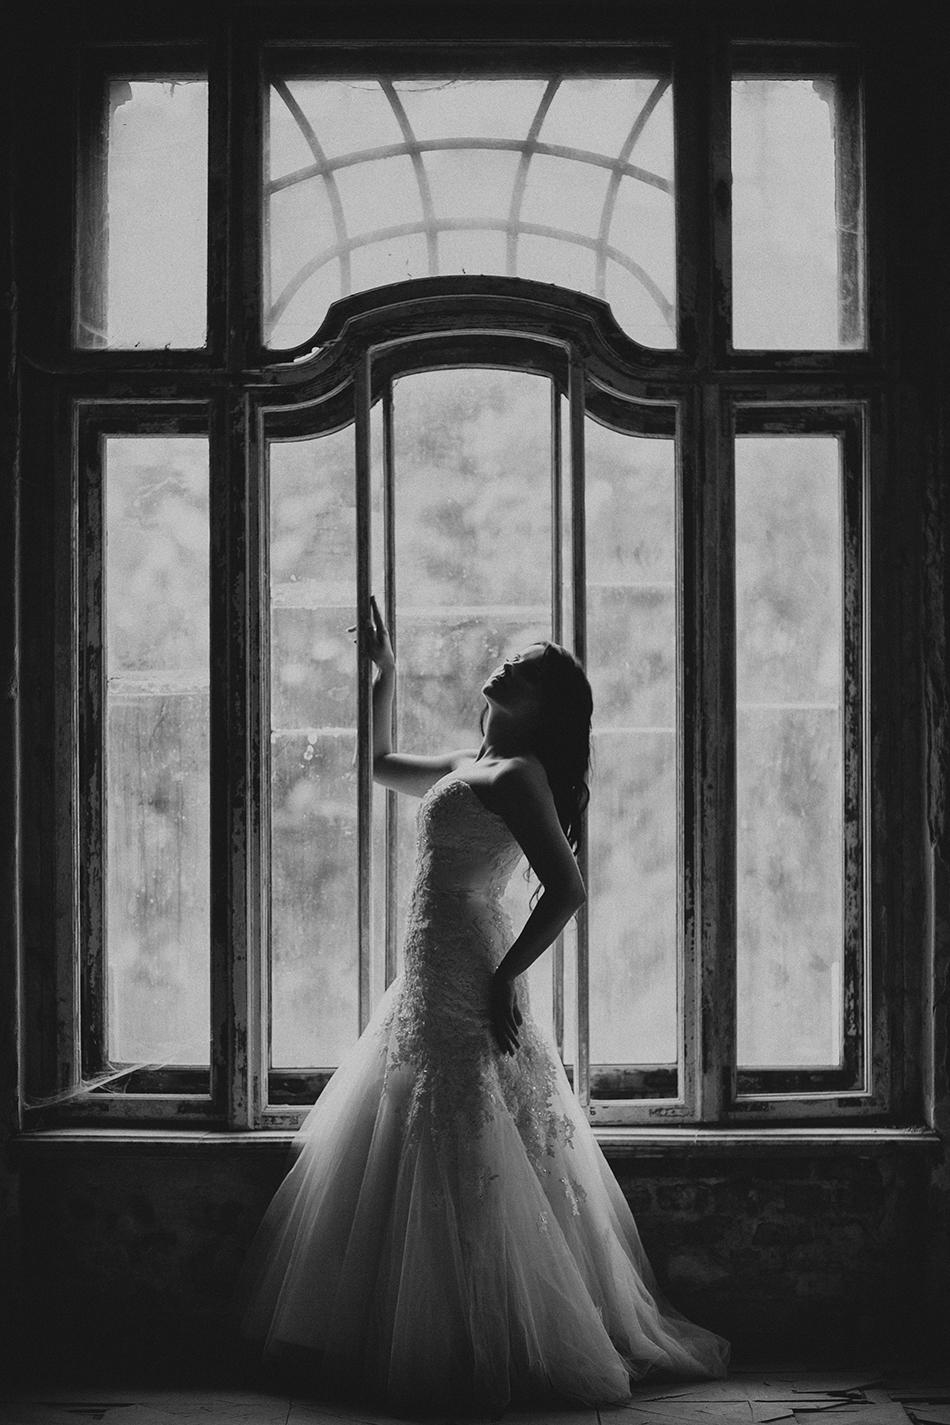 pani młoda pozuje do zdjęcia przy wielkim oknie w pałacu w krowiarkach